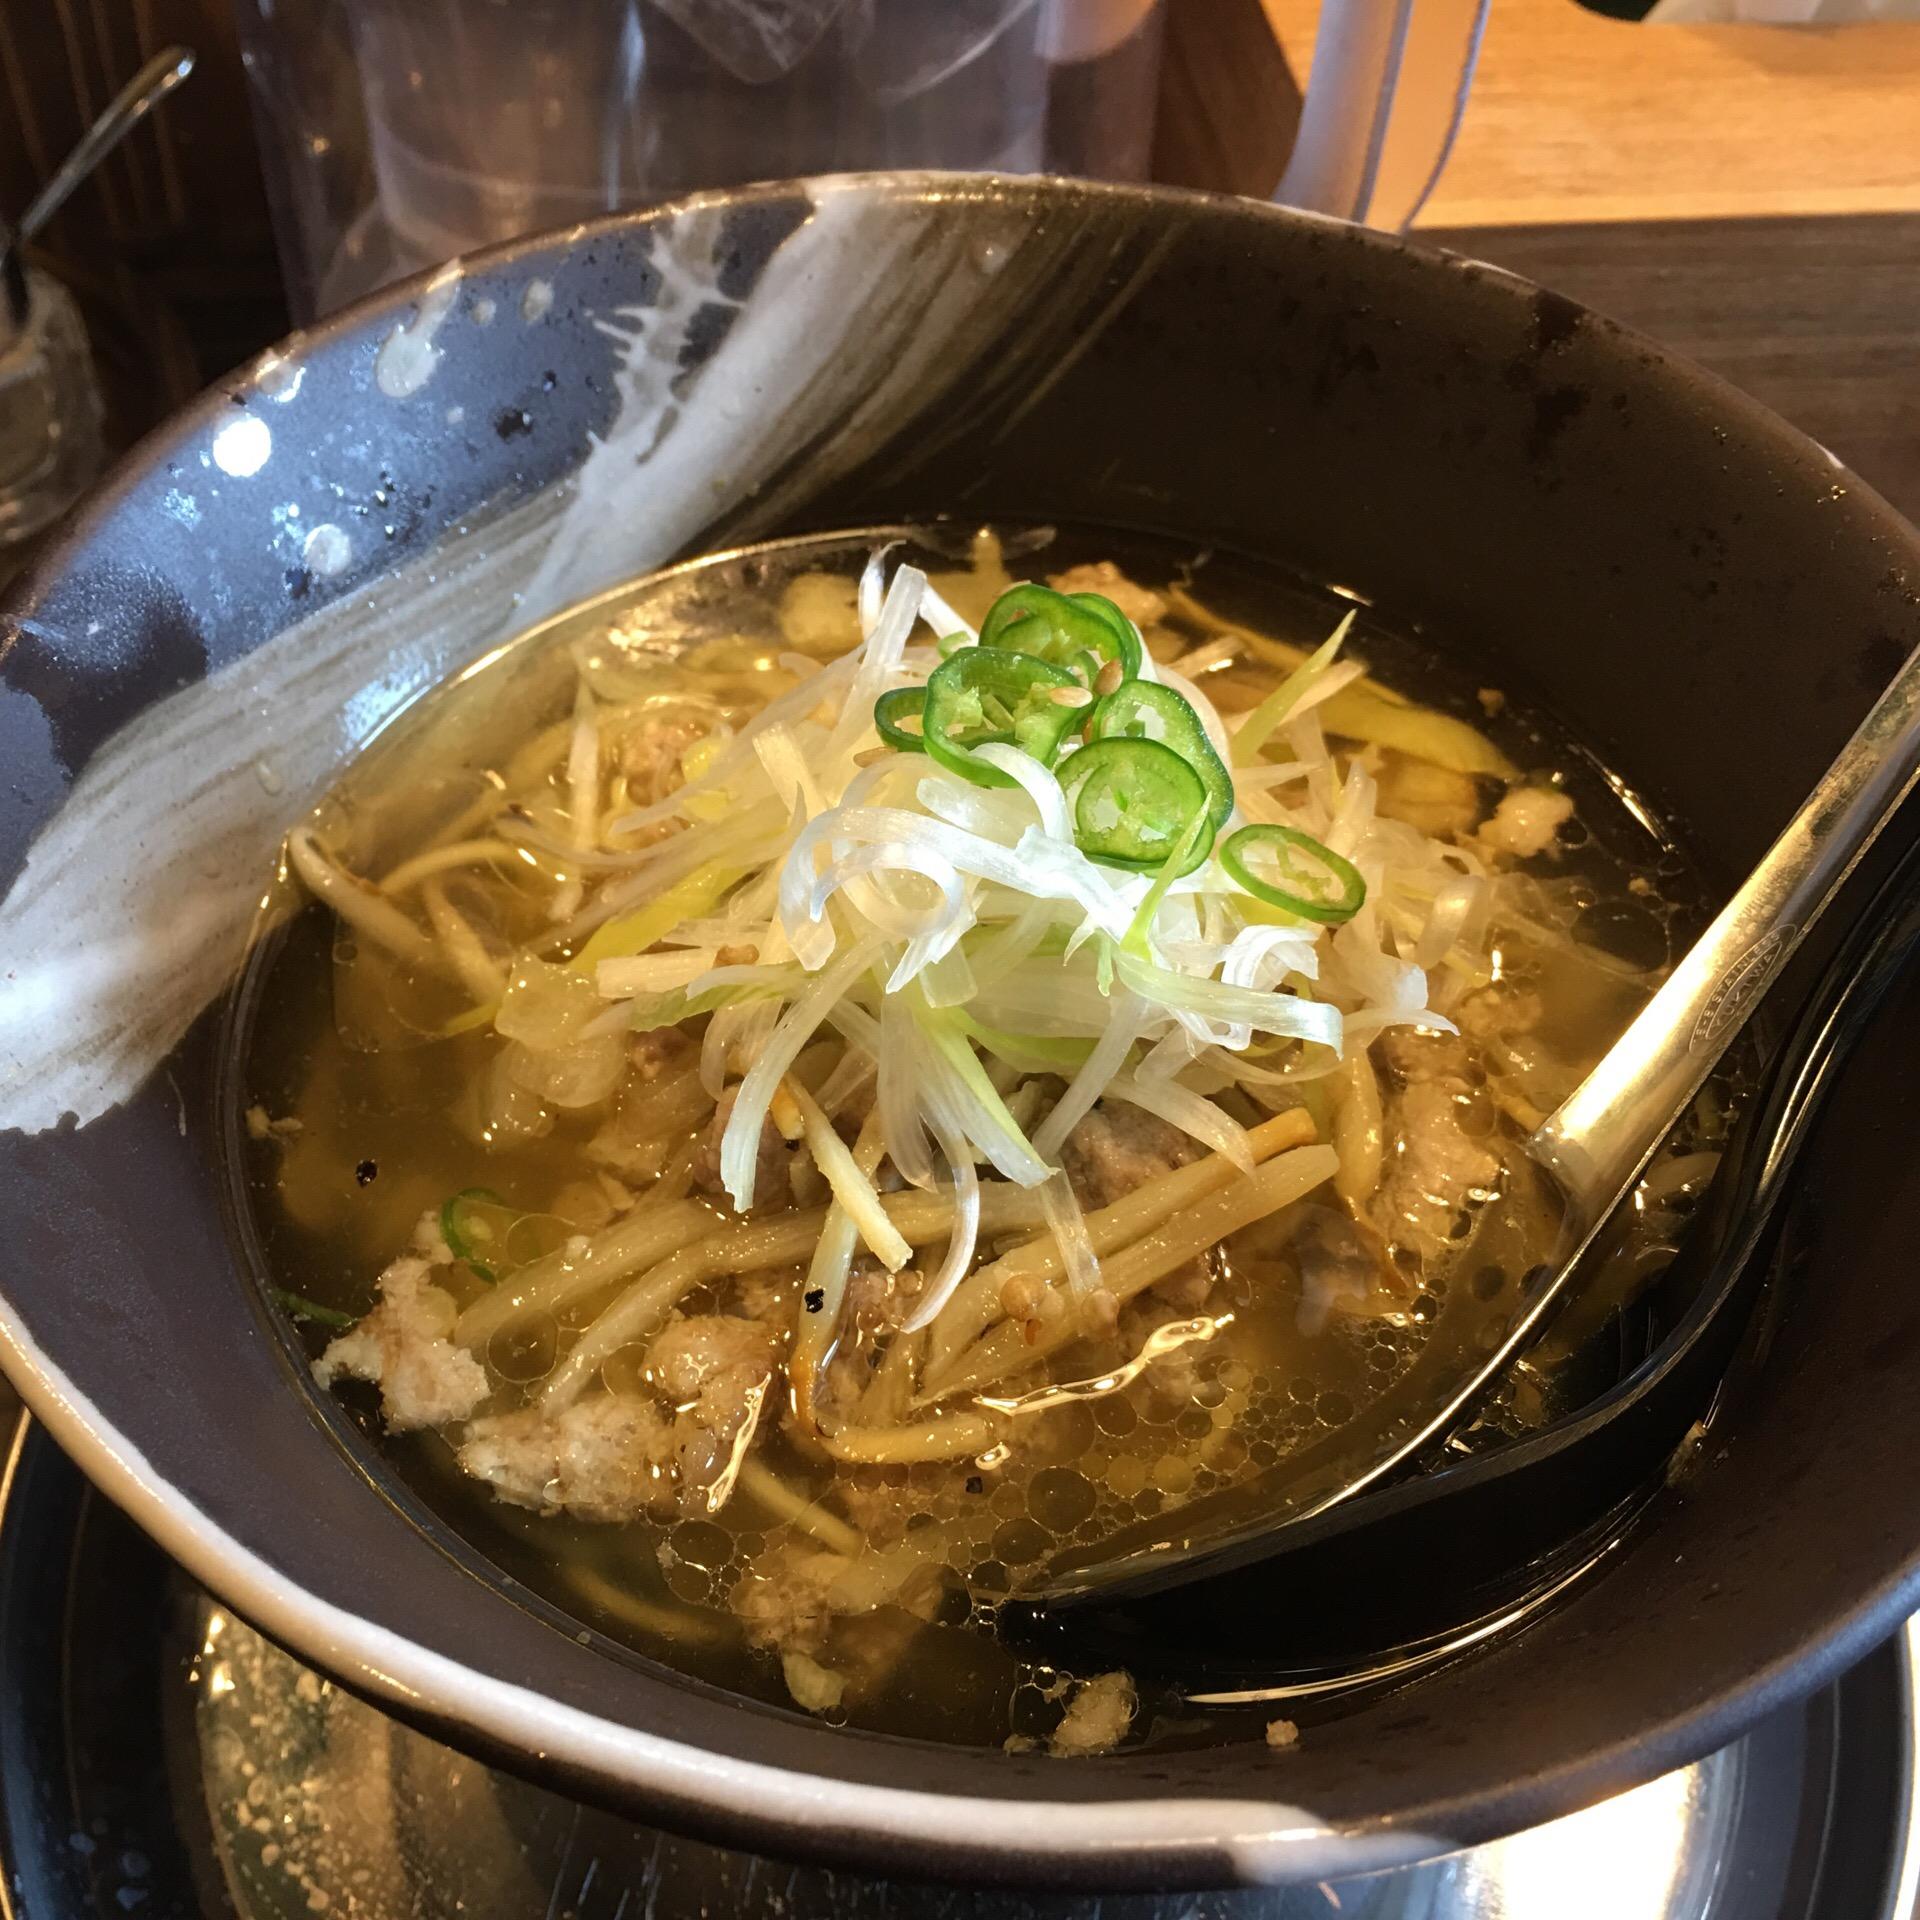 2017年1月のラーメンは高田馬場「青唐爽麺 ハルク」にしたよ!!